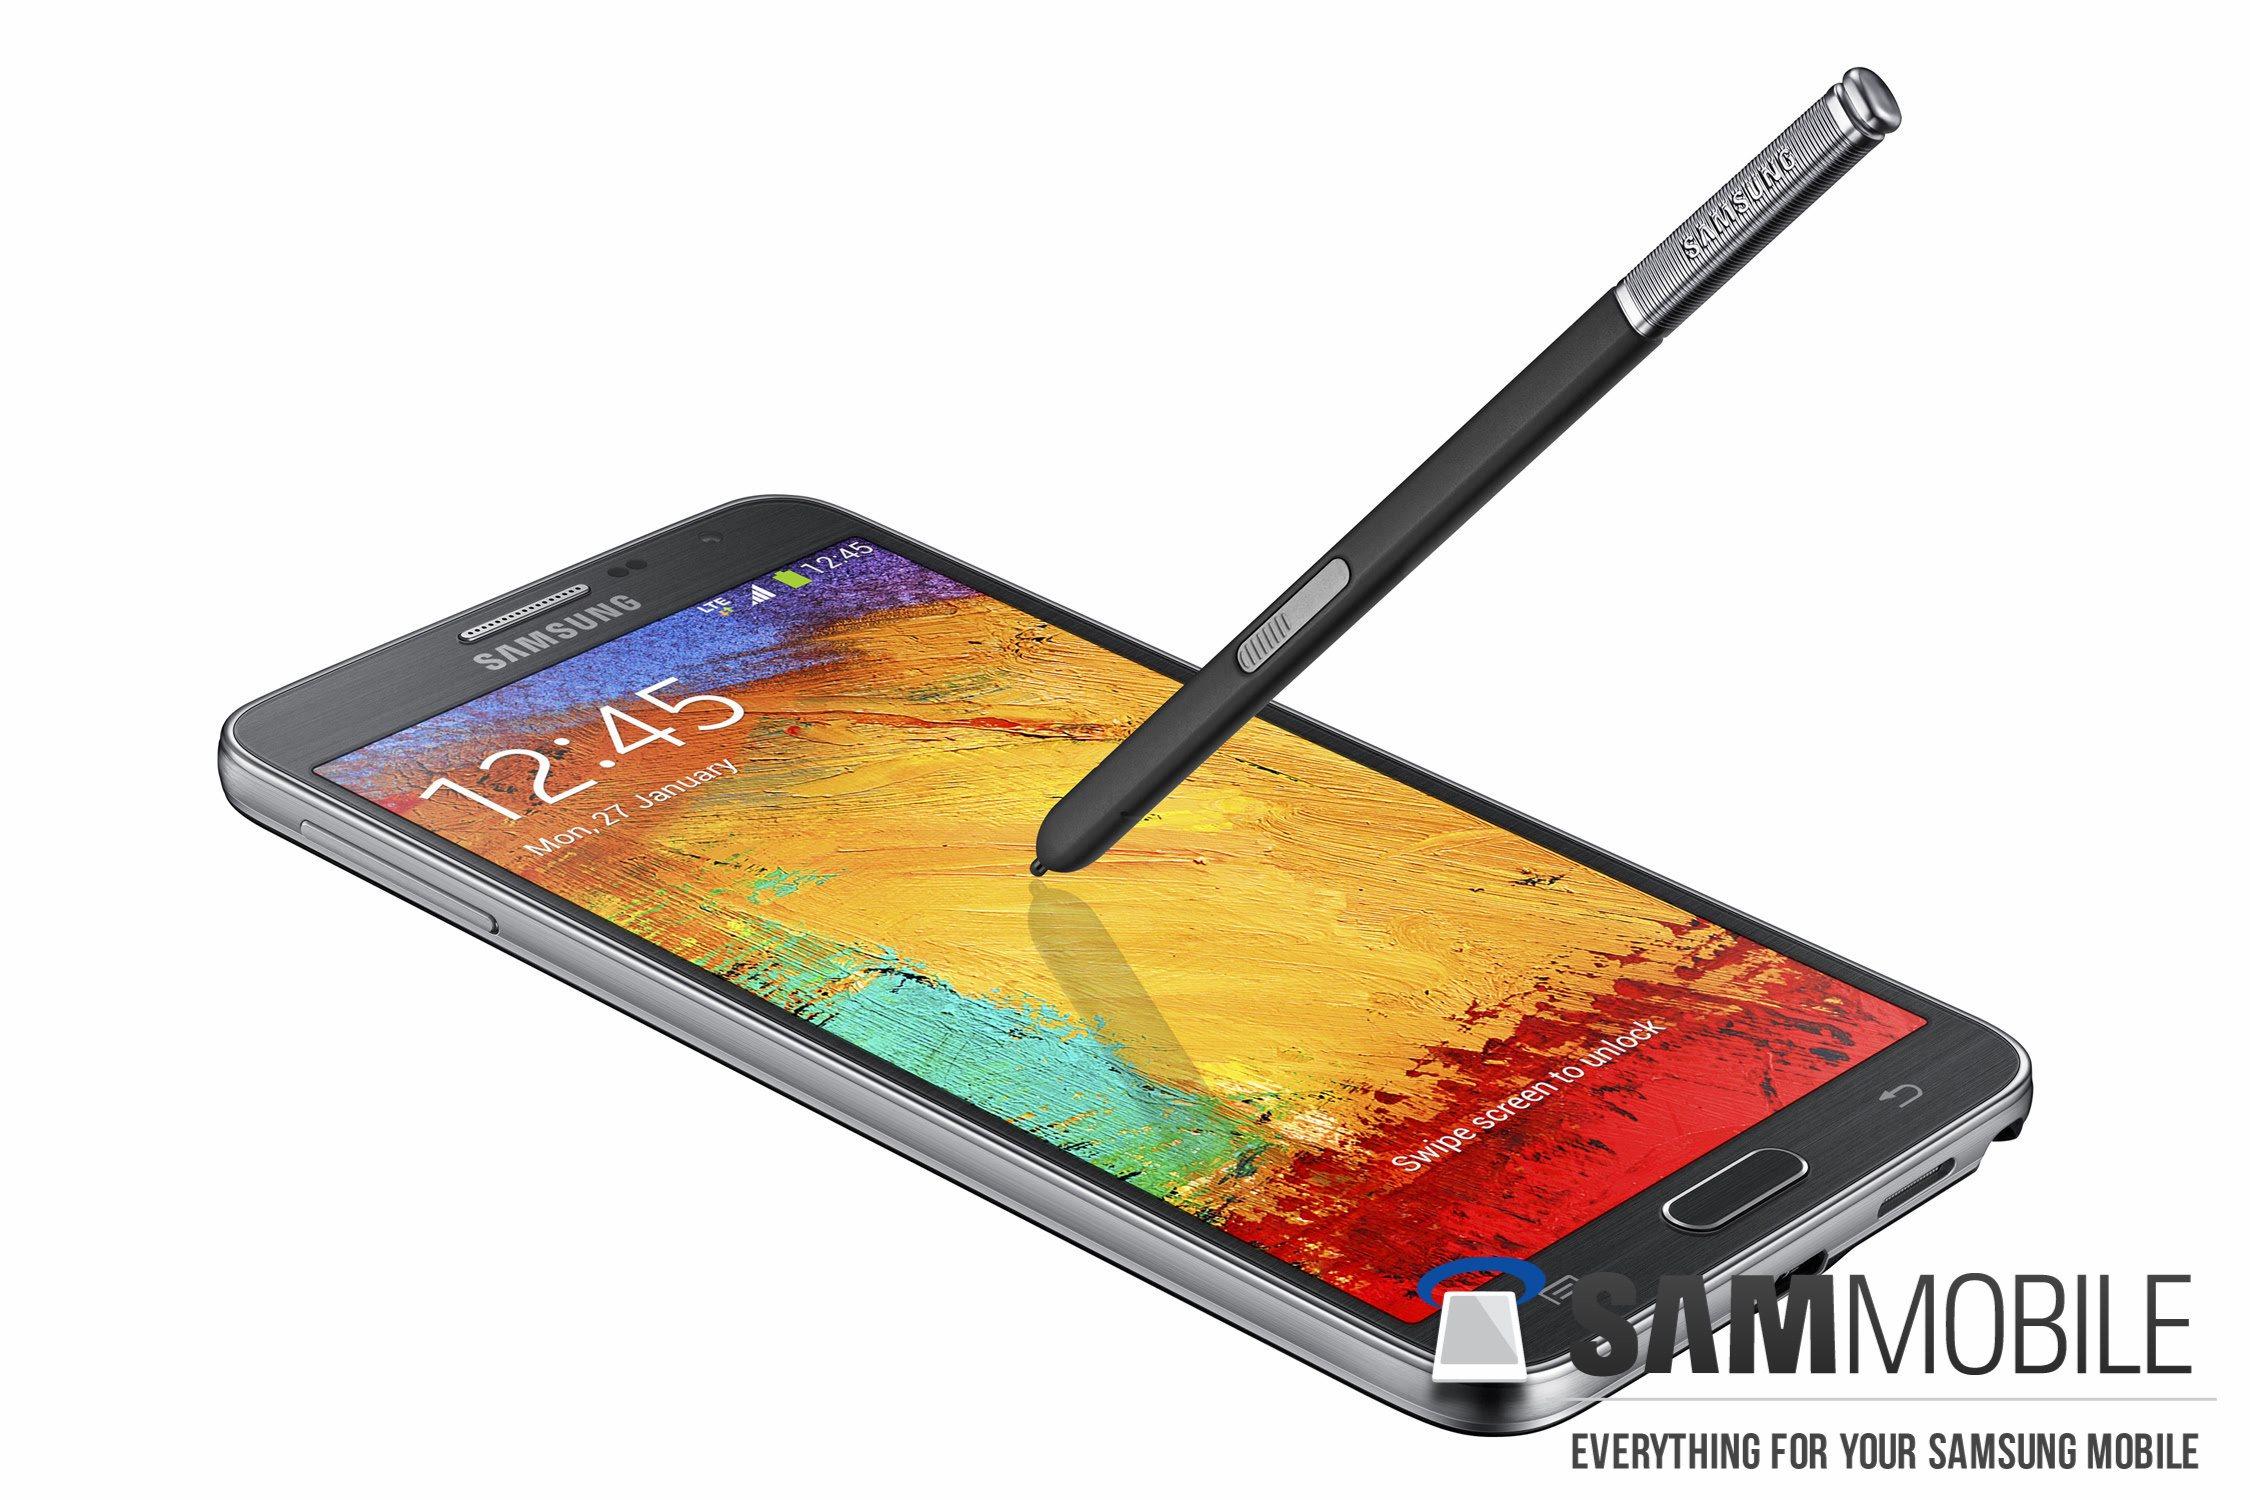 GALAXY Note 3 NEO SamMobile 4